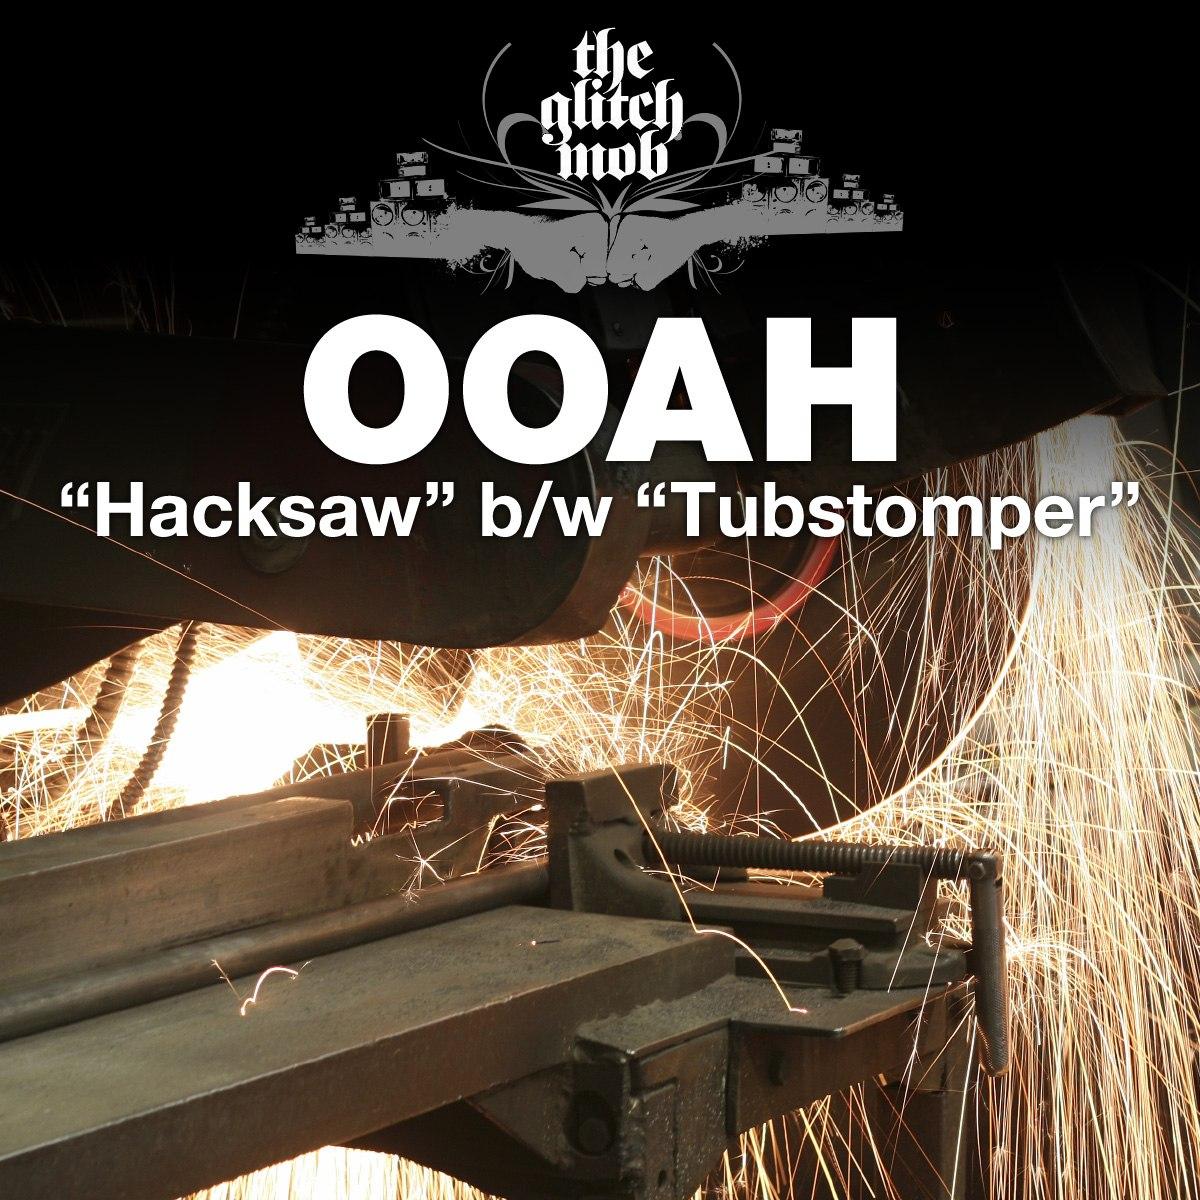 Hacksaw / Tubstomper